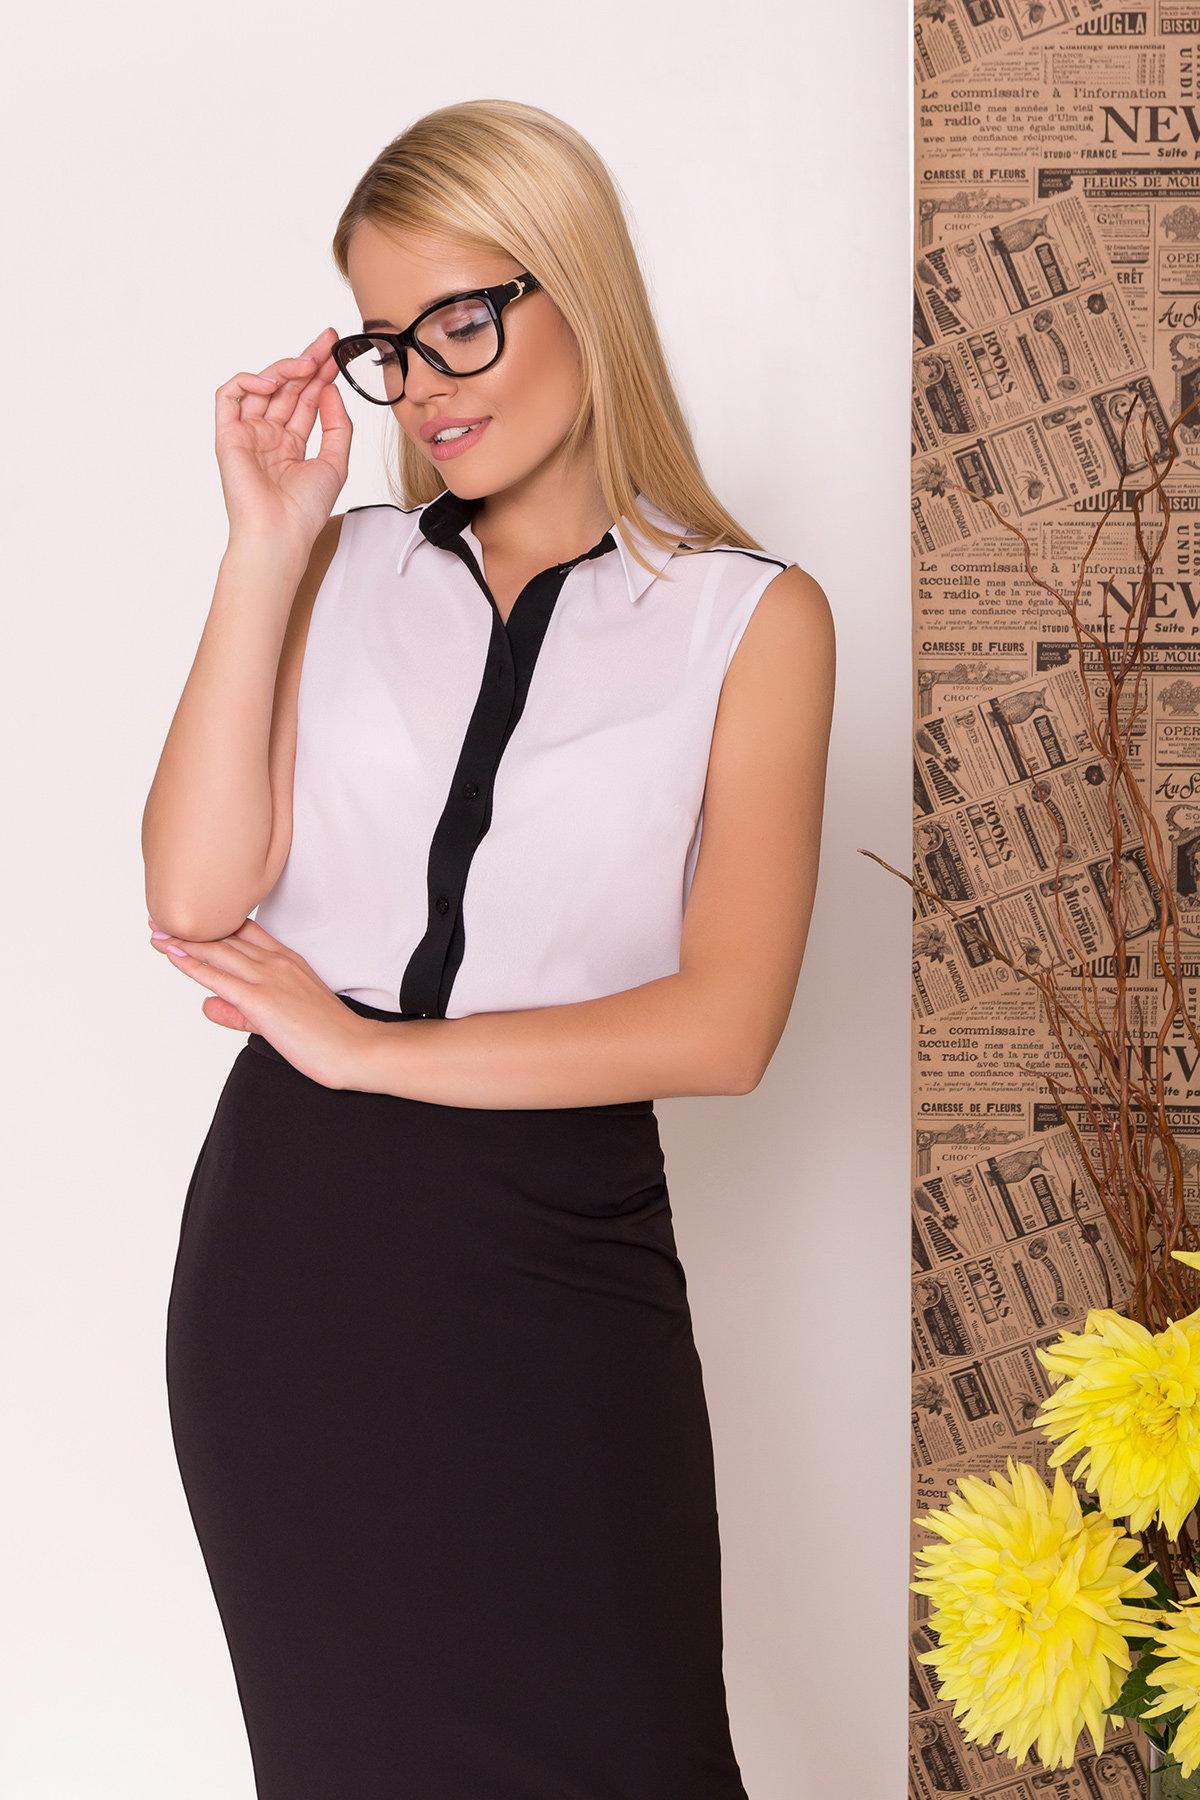 Блуза Ариана 7729 АРТ. 43635 Цвет: Белый/черный - фото 4, интернет магазин tm-modus.ru